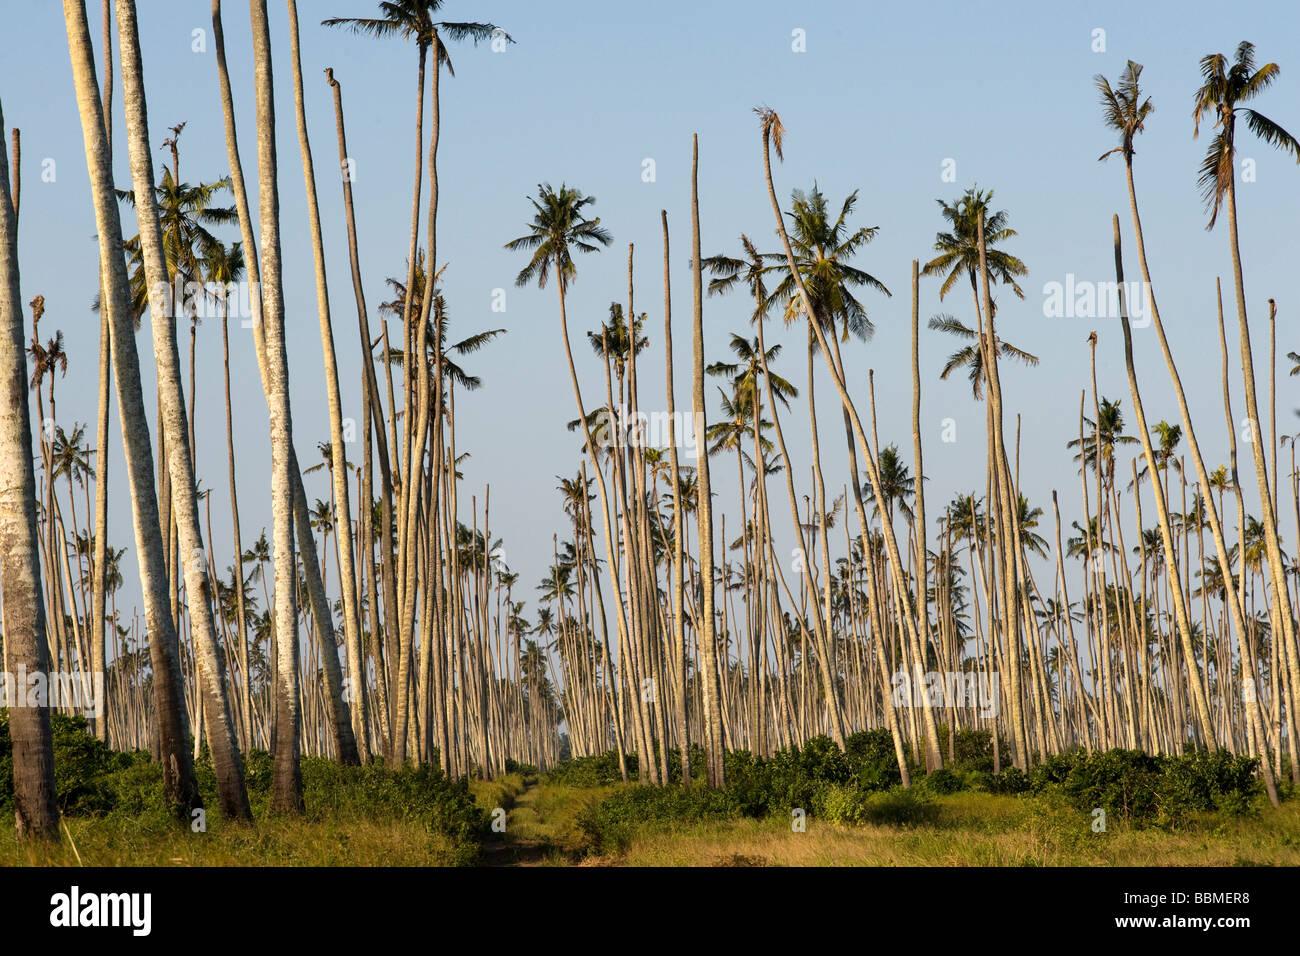 Kokospalmen sterben an einer Krankheit Quelimane Mosambik Stockbild